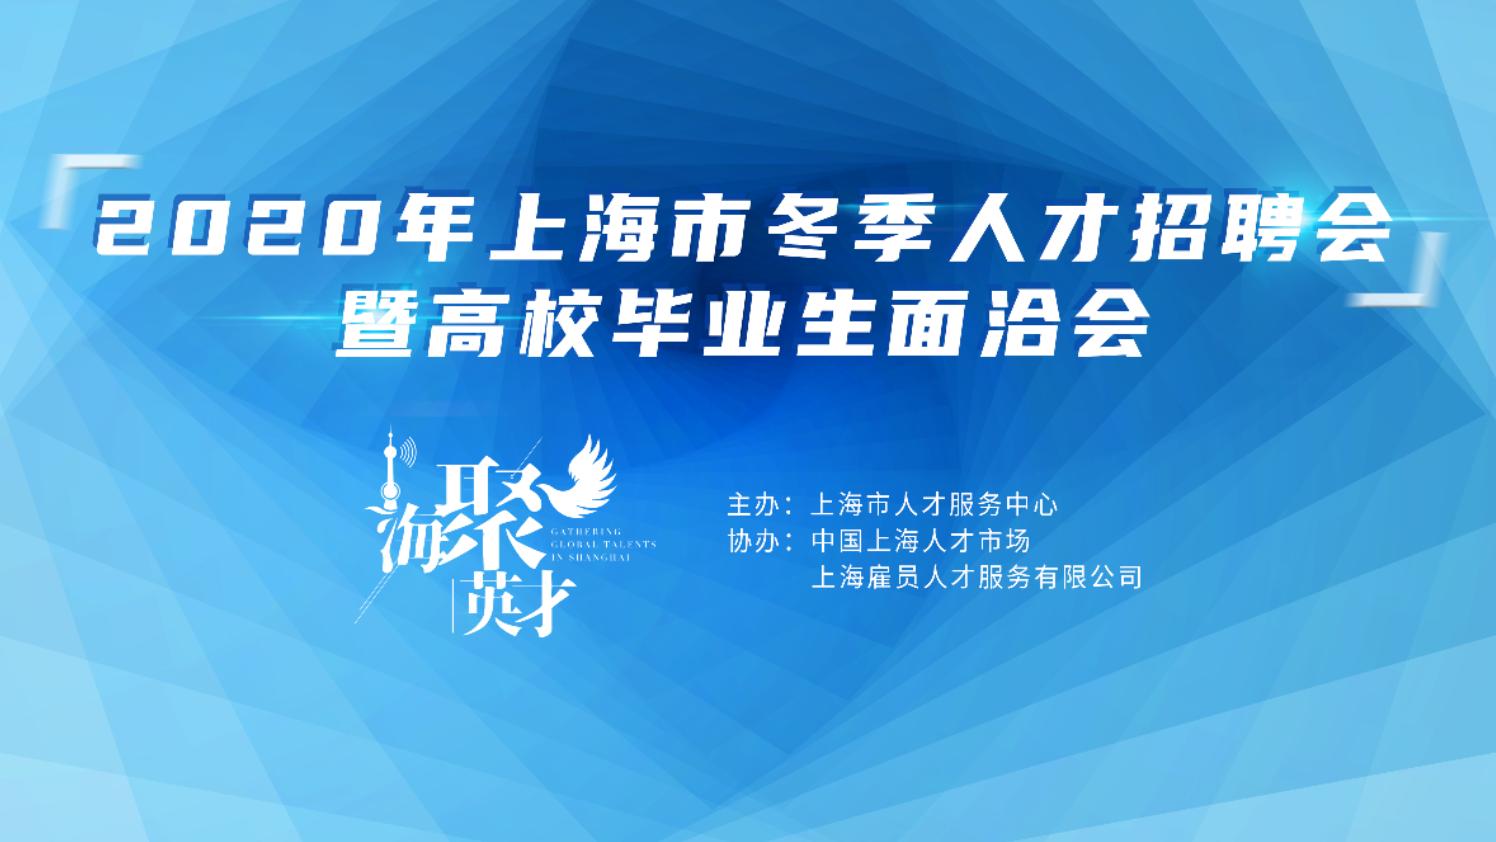 【11月求职预约通道】2020年上海市冬季人才招聘会暨高校毕